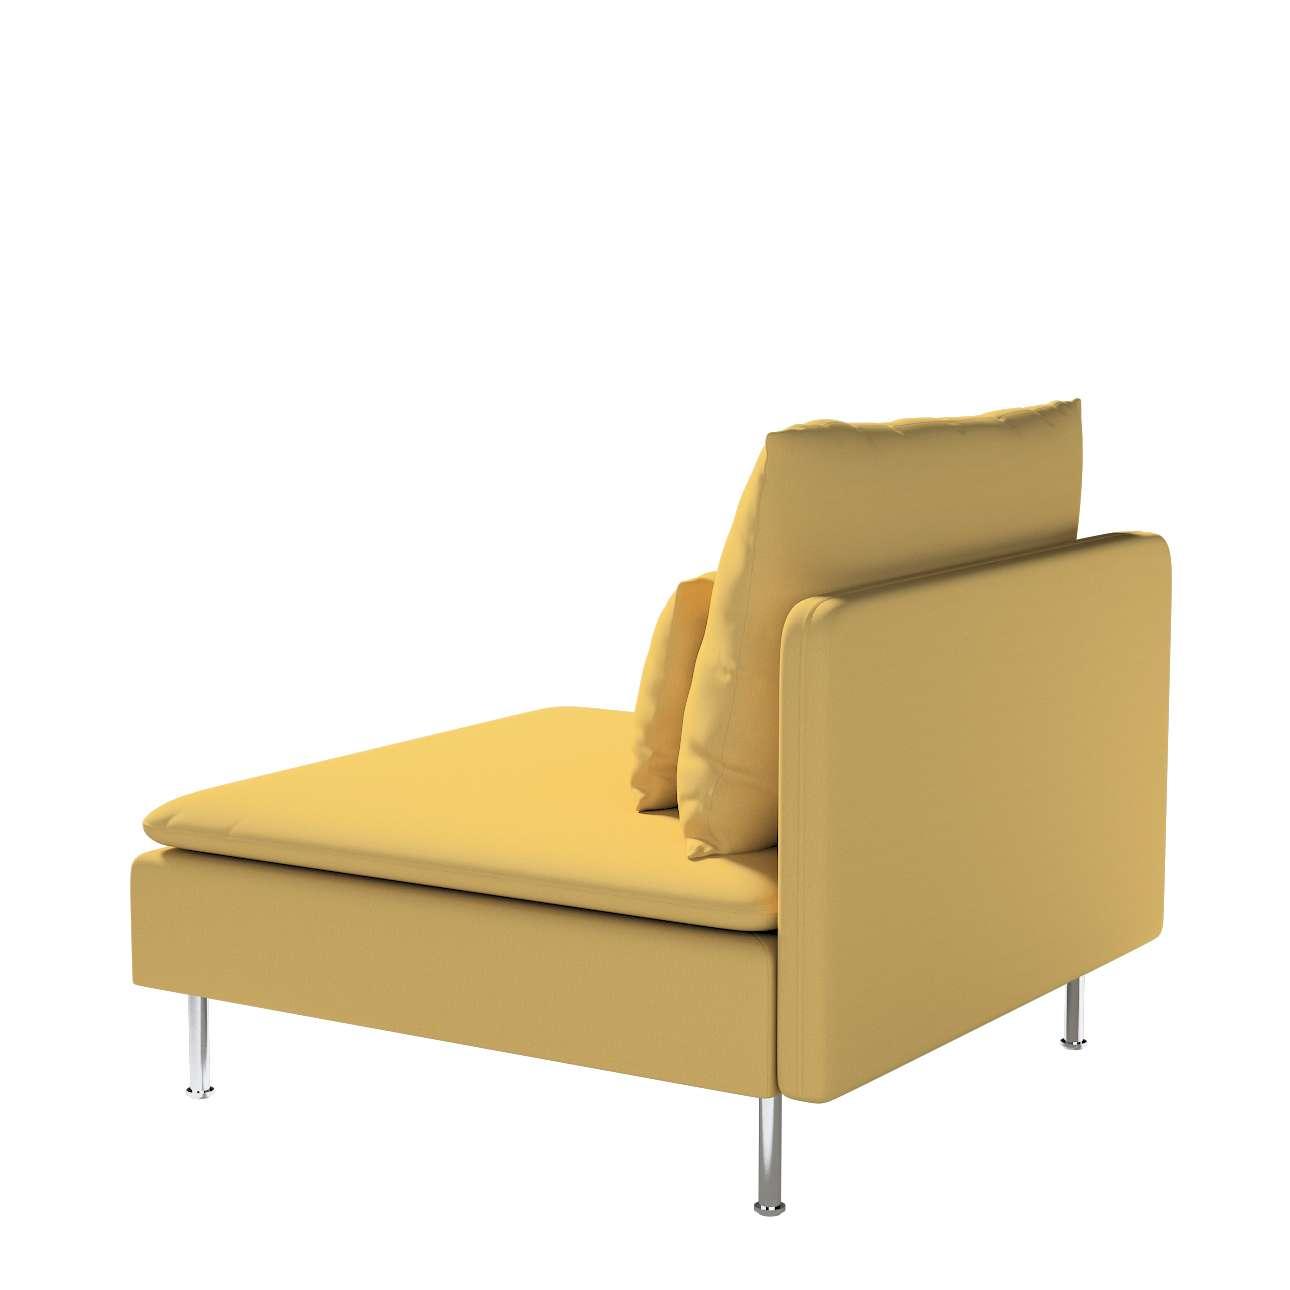 Bezug für Söderhamn Sitzelement 1 von der Kollektion Cotton Panama, Stoff: 702-41